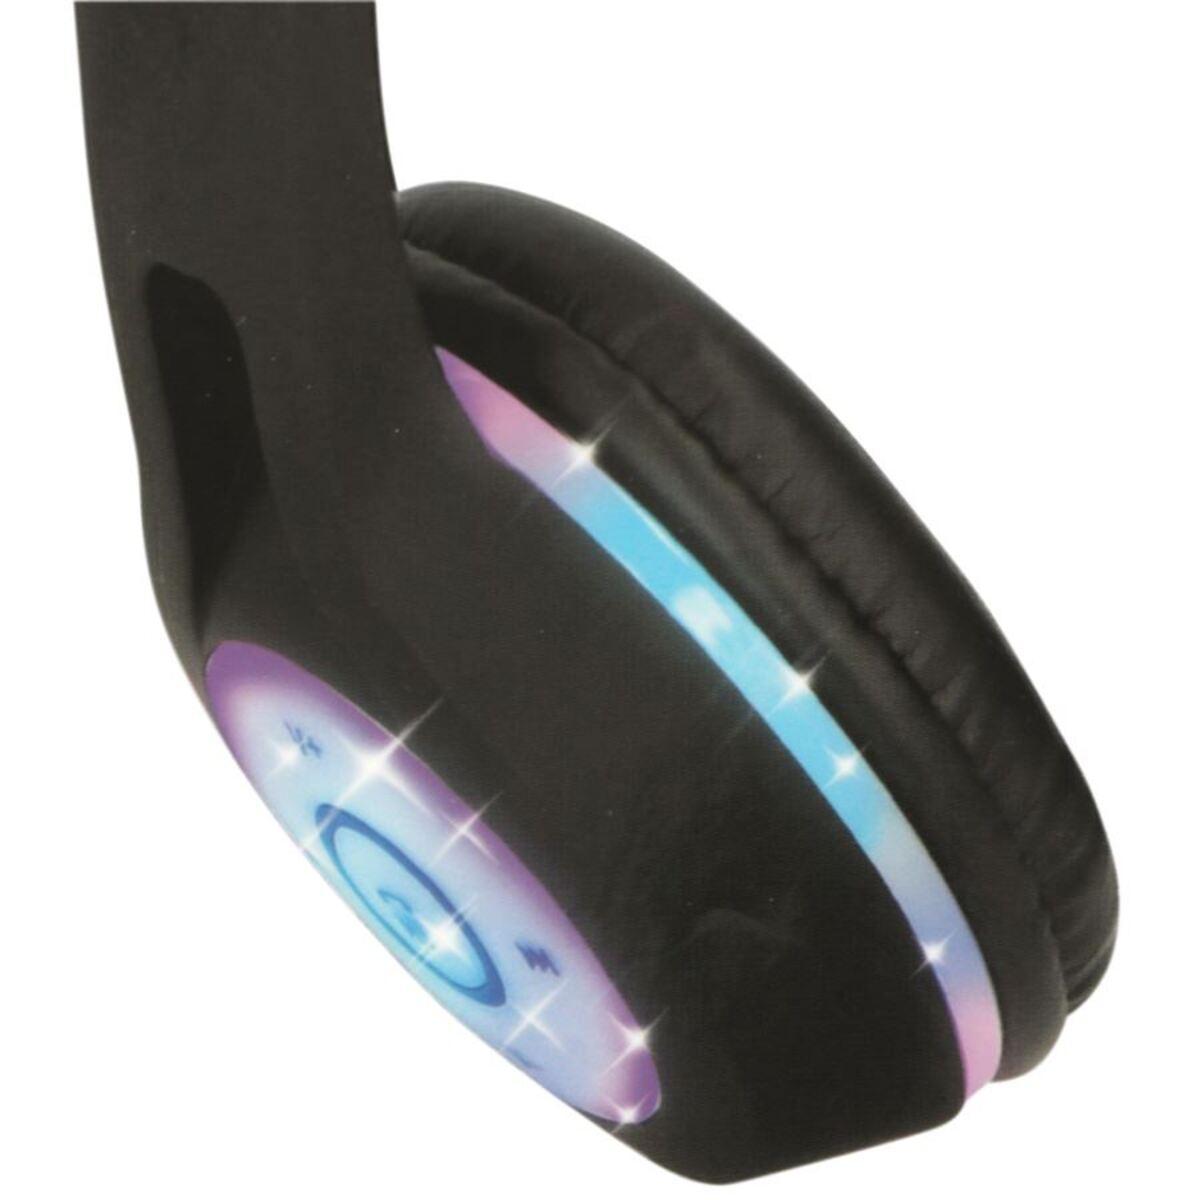 Bild 3 von Grundig Bluetooth-Stereo-Kopfhörer mit LED-Diskolicht